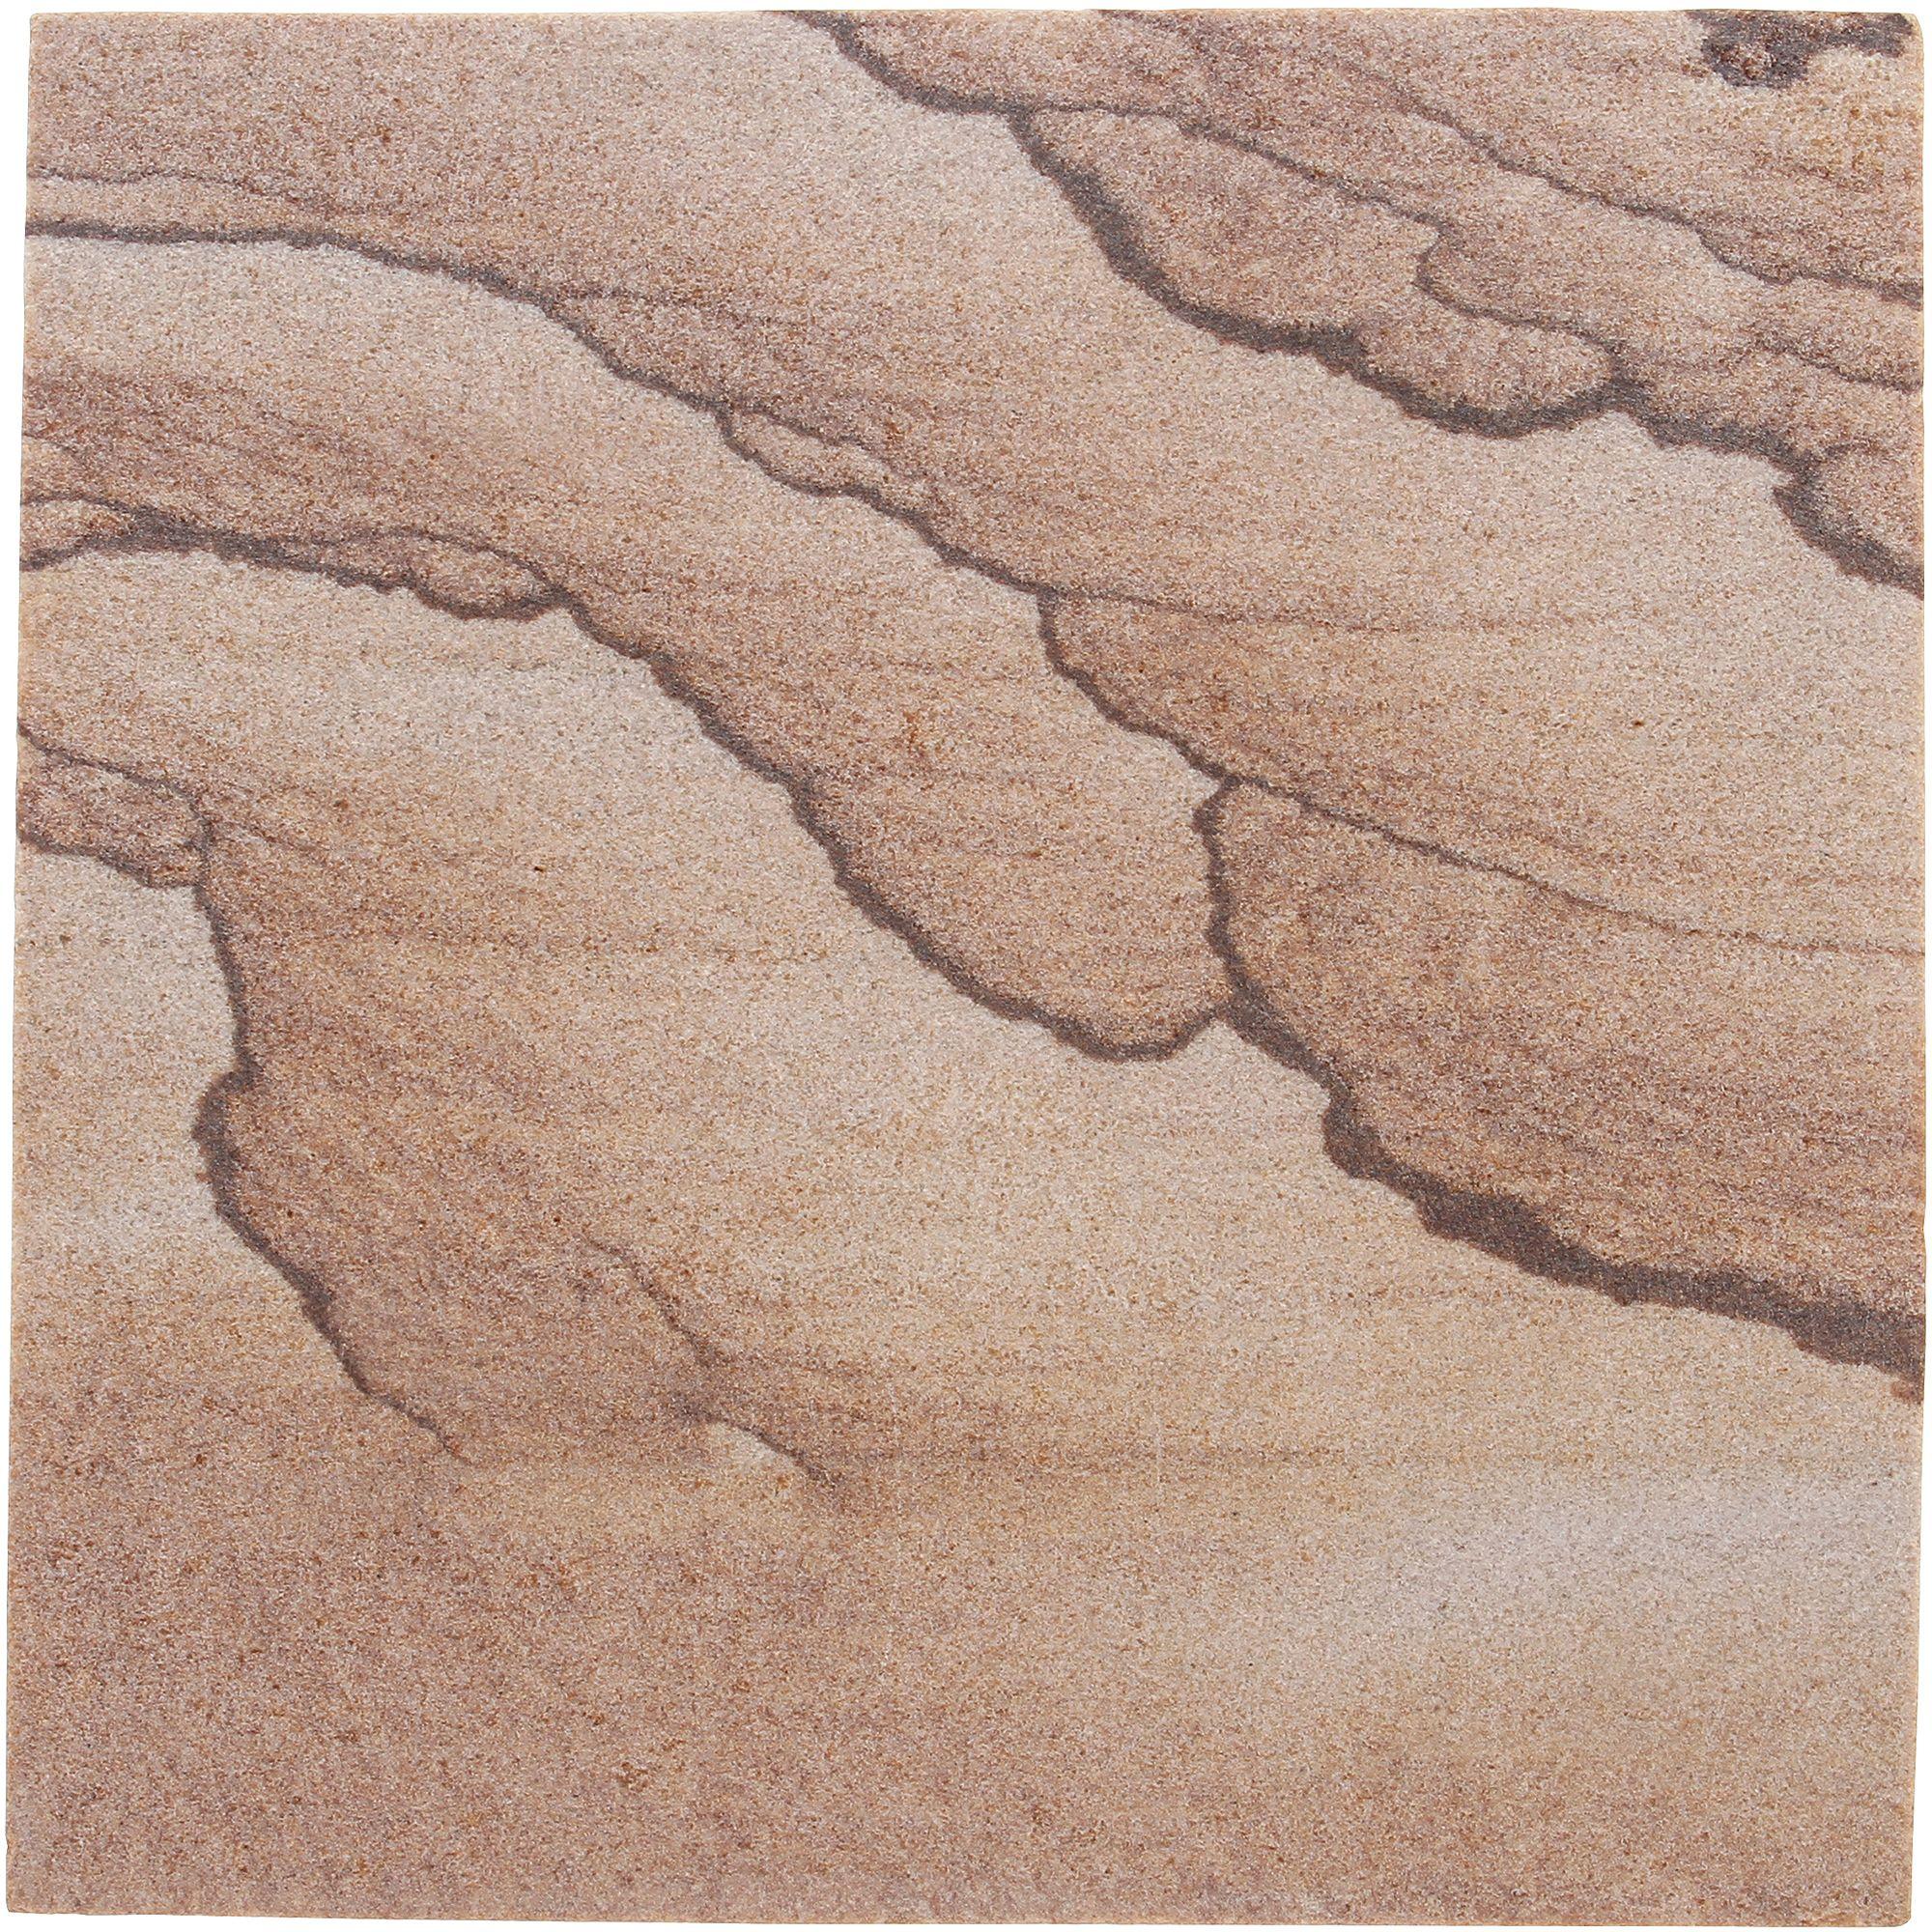 Thirstystone Naturals, Natural Stone